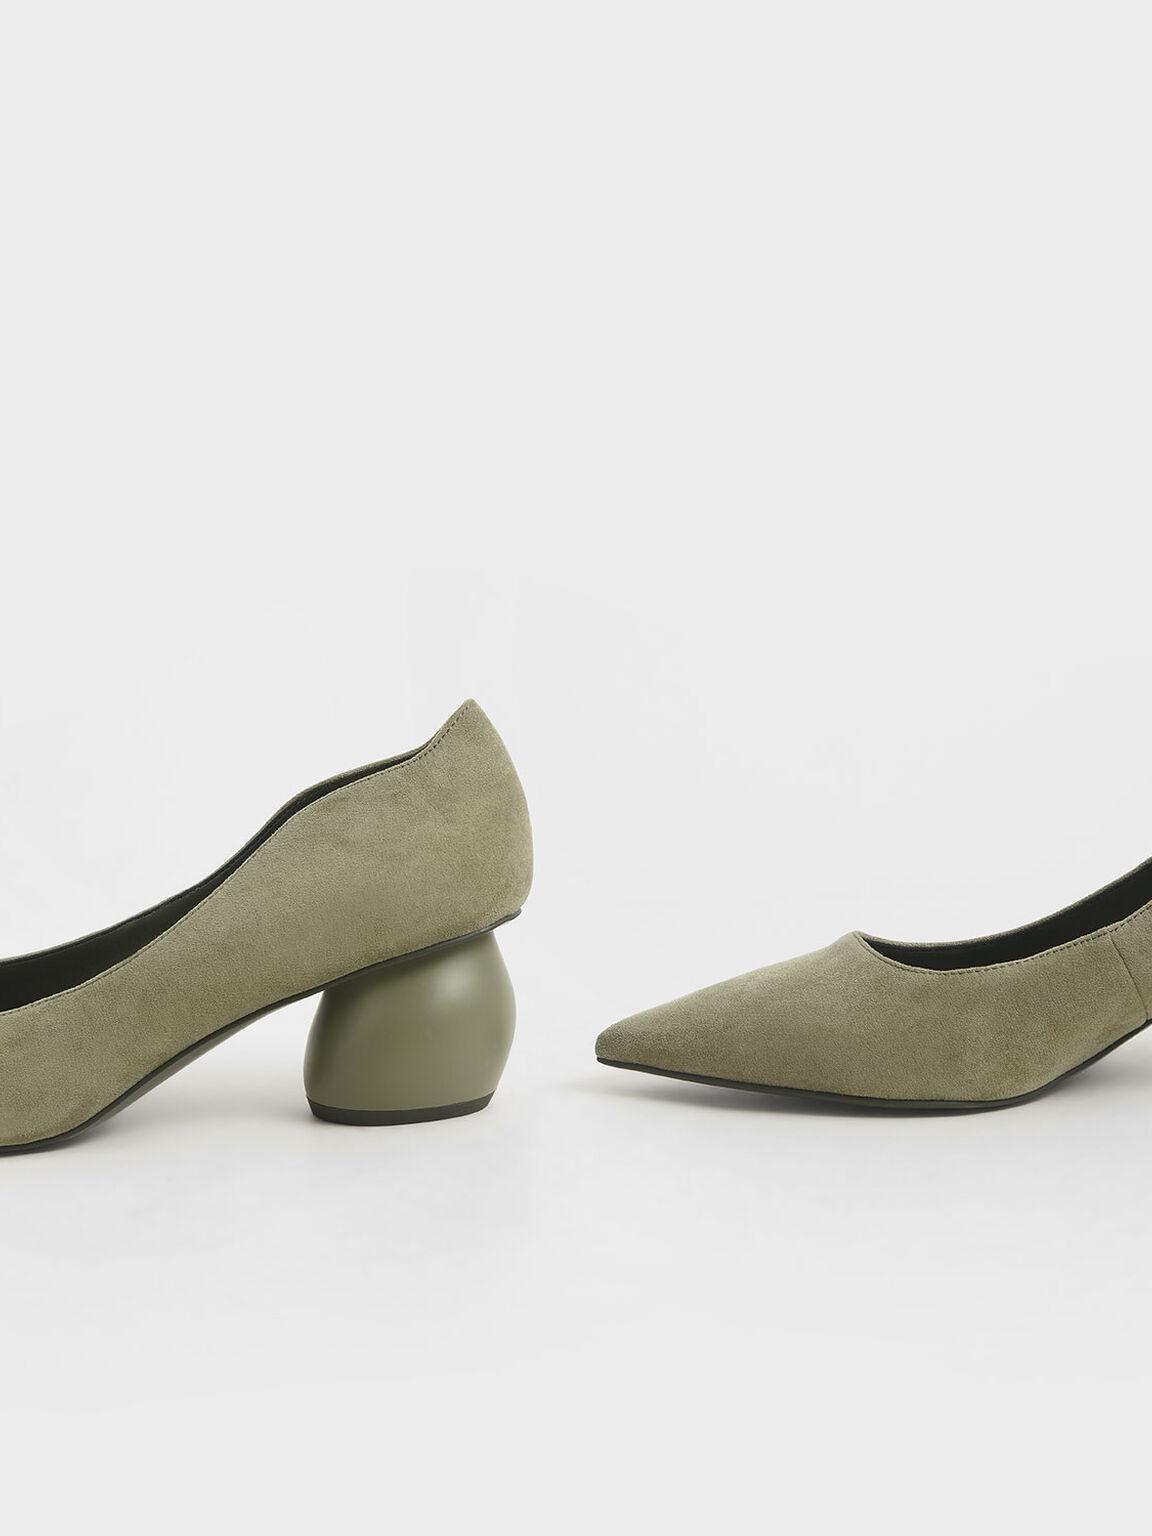 Textured Sculptural Heel Pumps, Olive, hi-res